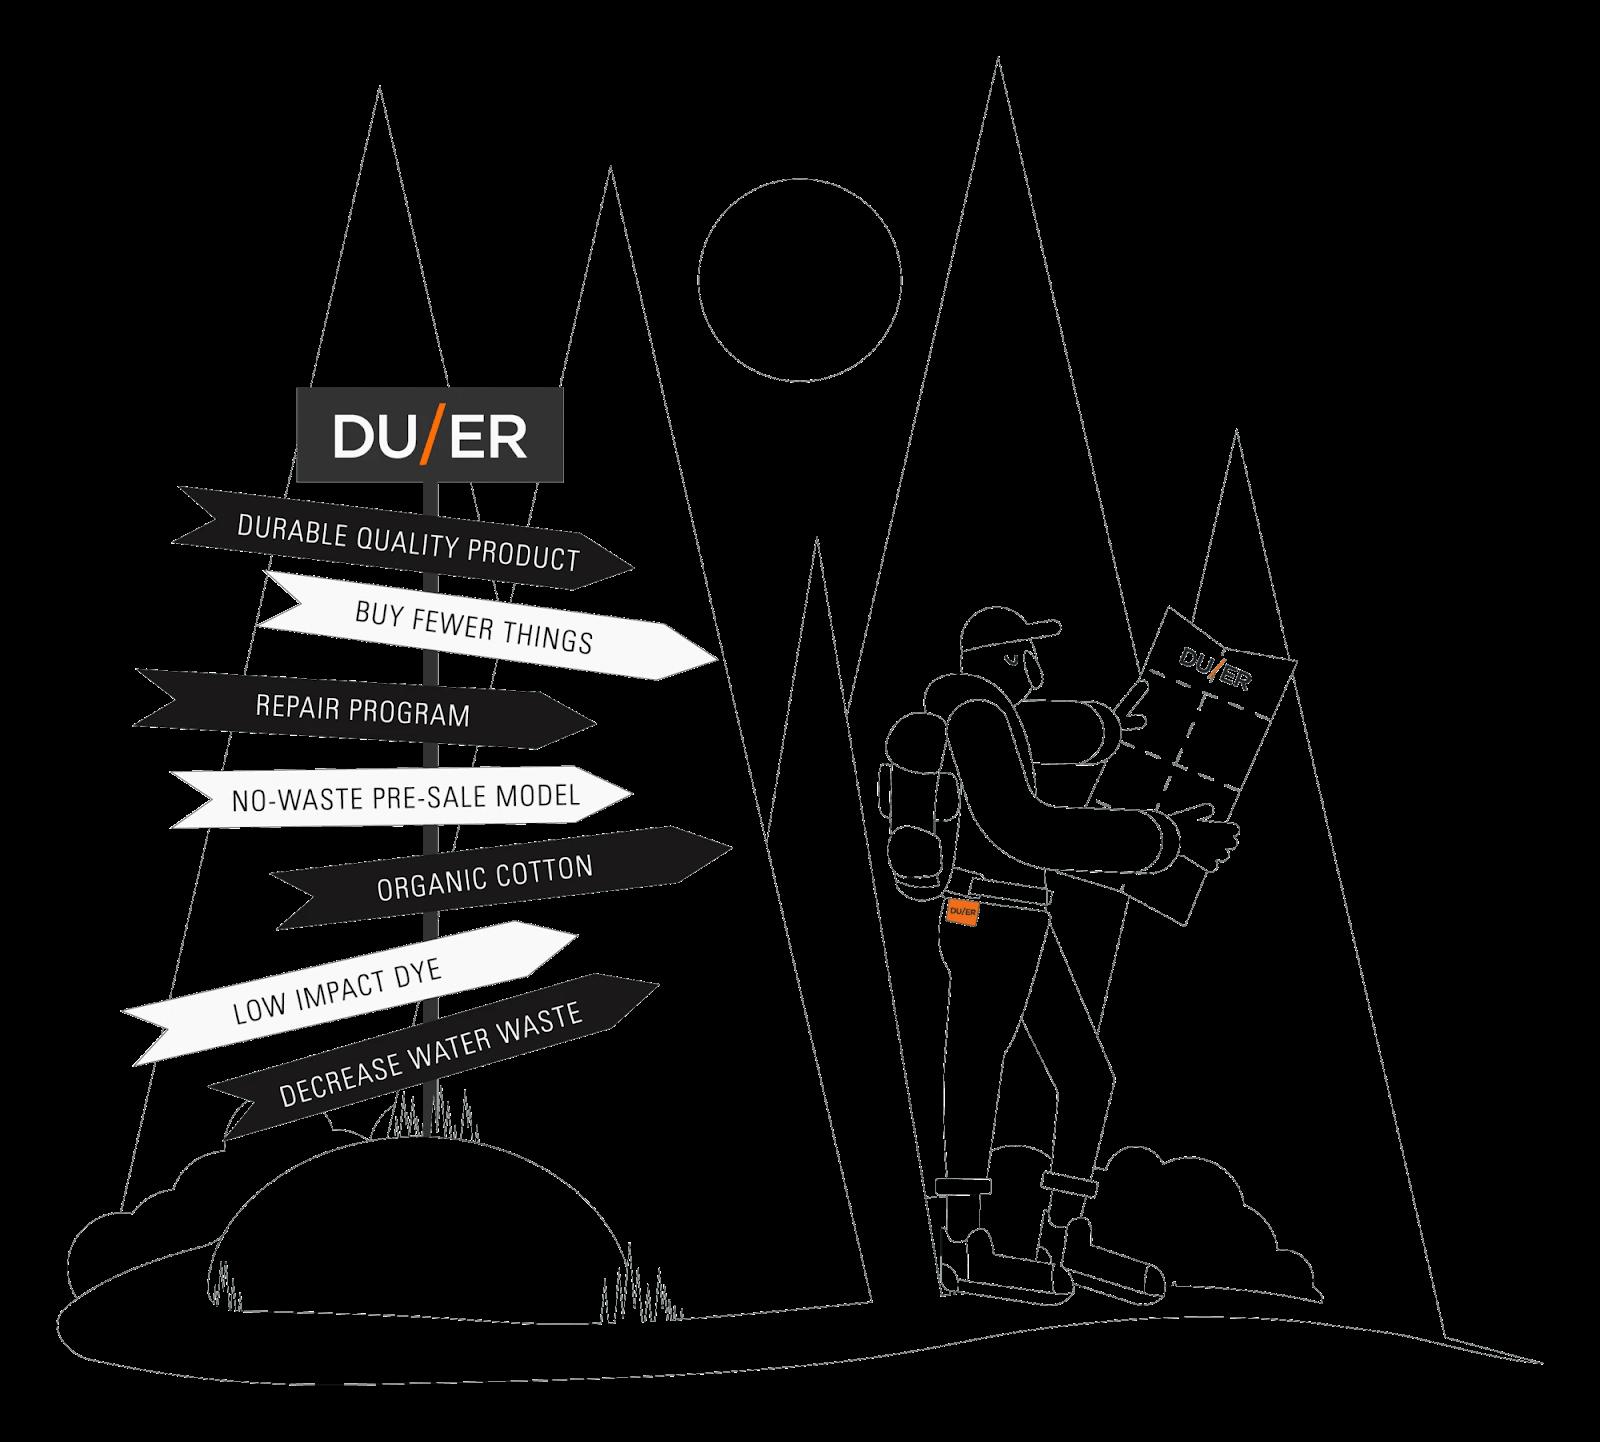 Duer Website